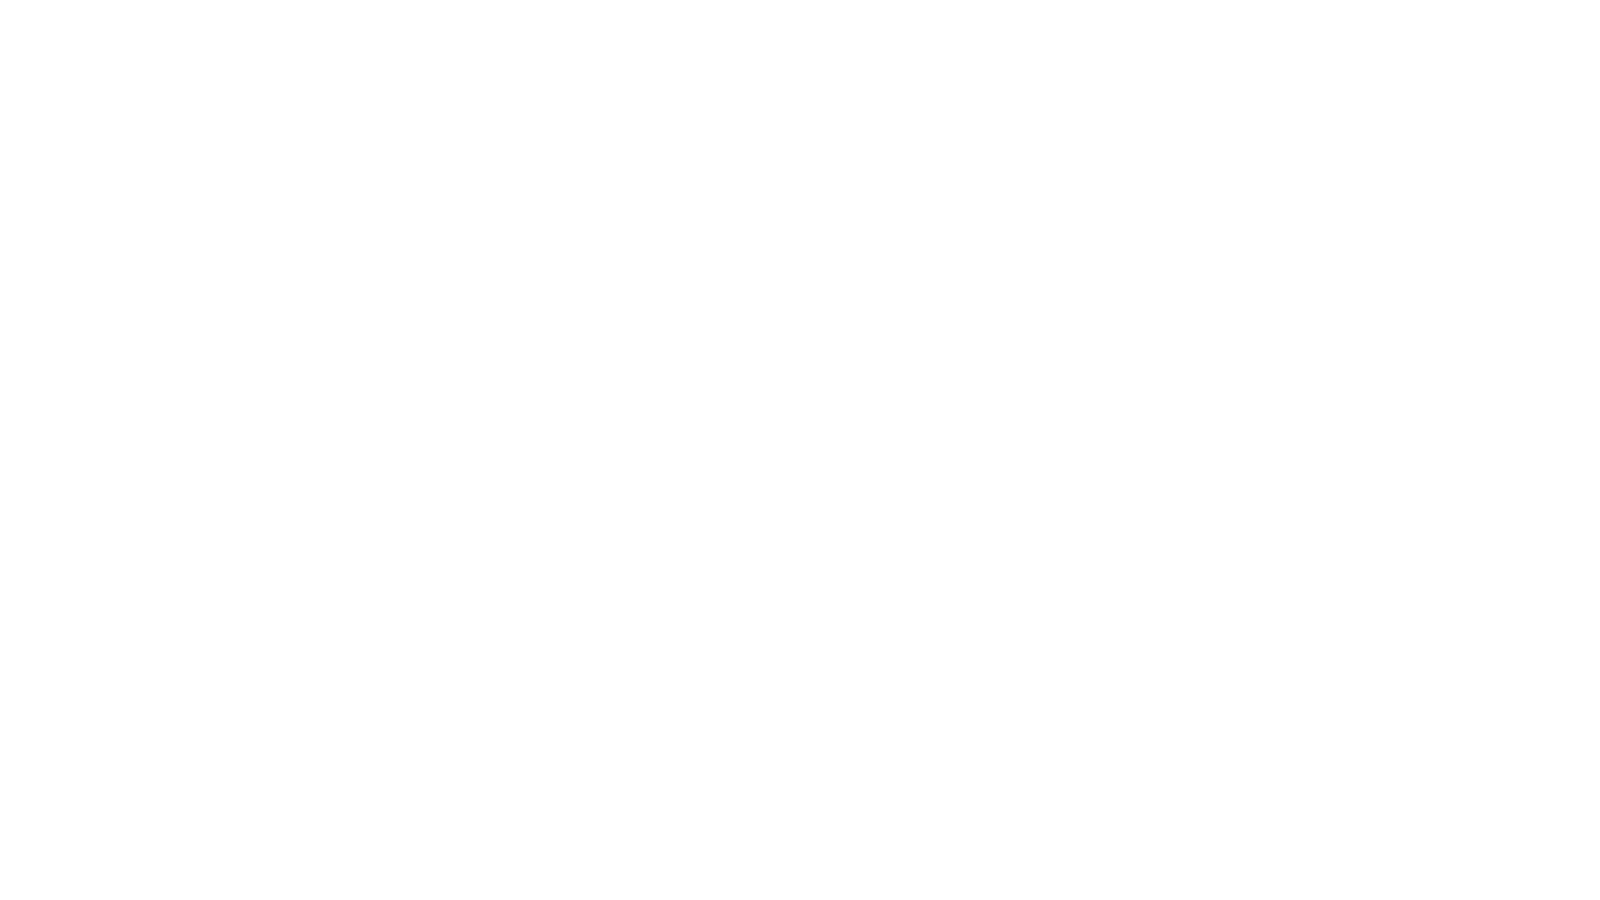 """#LaOroya La empresa estatal Activos Mineros (AMSAC) informó sobre el reinicio de las obras del proyecto """"Mejoramiento de la transitabilidad vehicular y peatonal en la Asociación Pro Vivienda Túpac Amaru en el distrito de La Oroya (Junín)"""", cuyo propósito es reducir los riesgos de exposición de las personas a los metales pesados por contacto directo."""